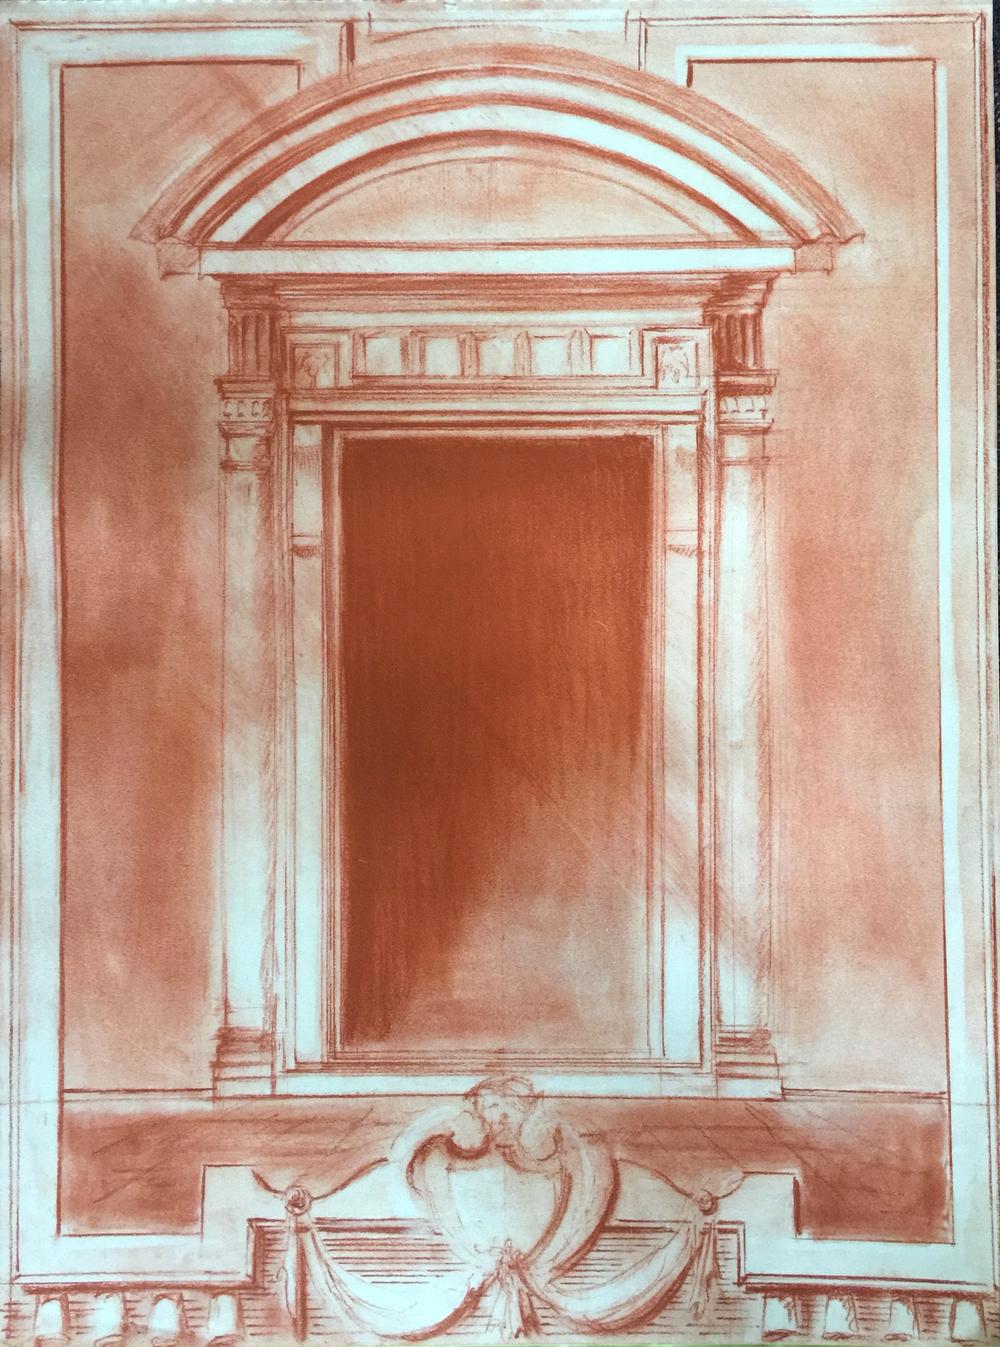 Sanguine Pastel, Michelangelo Door